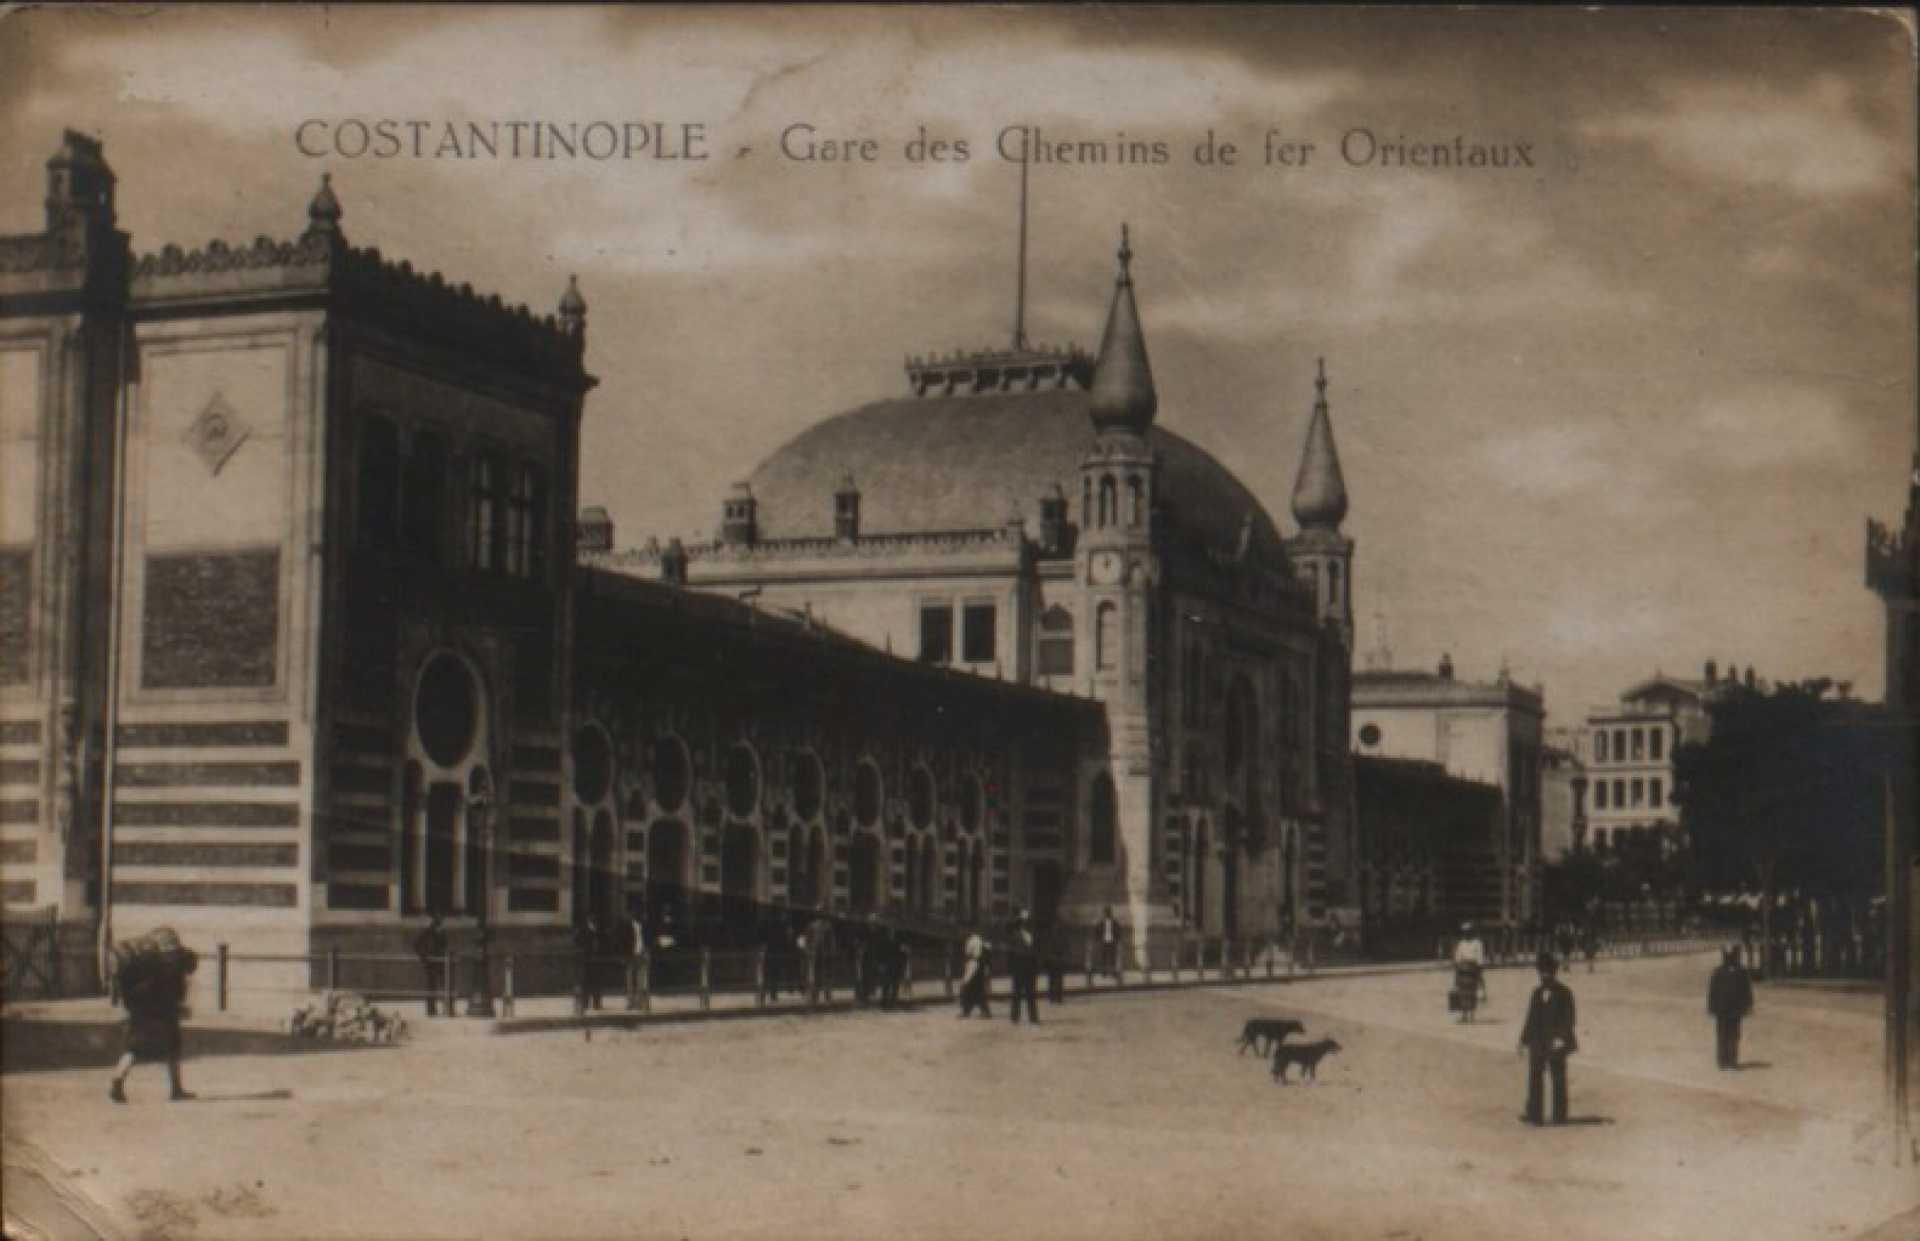 Gare des Chemins de fer Orientaux